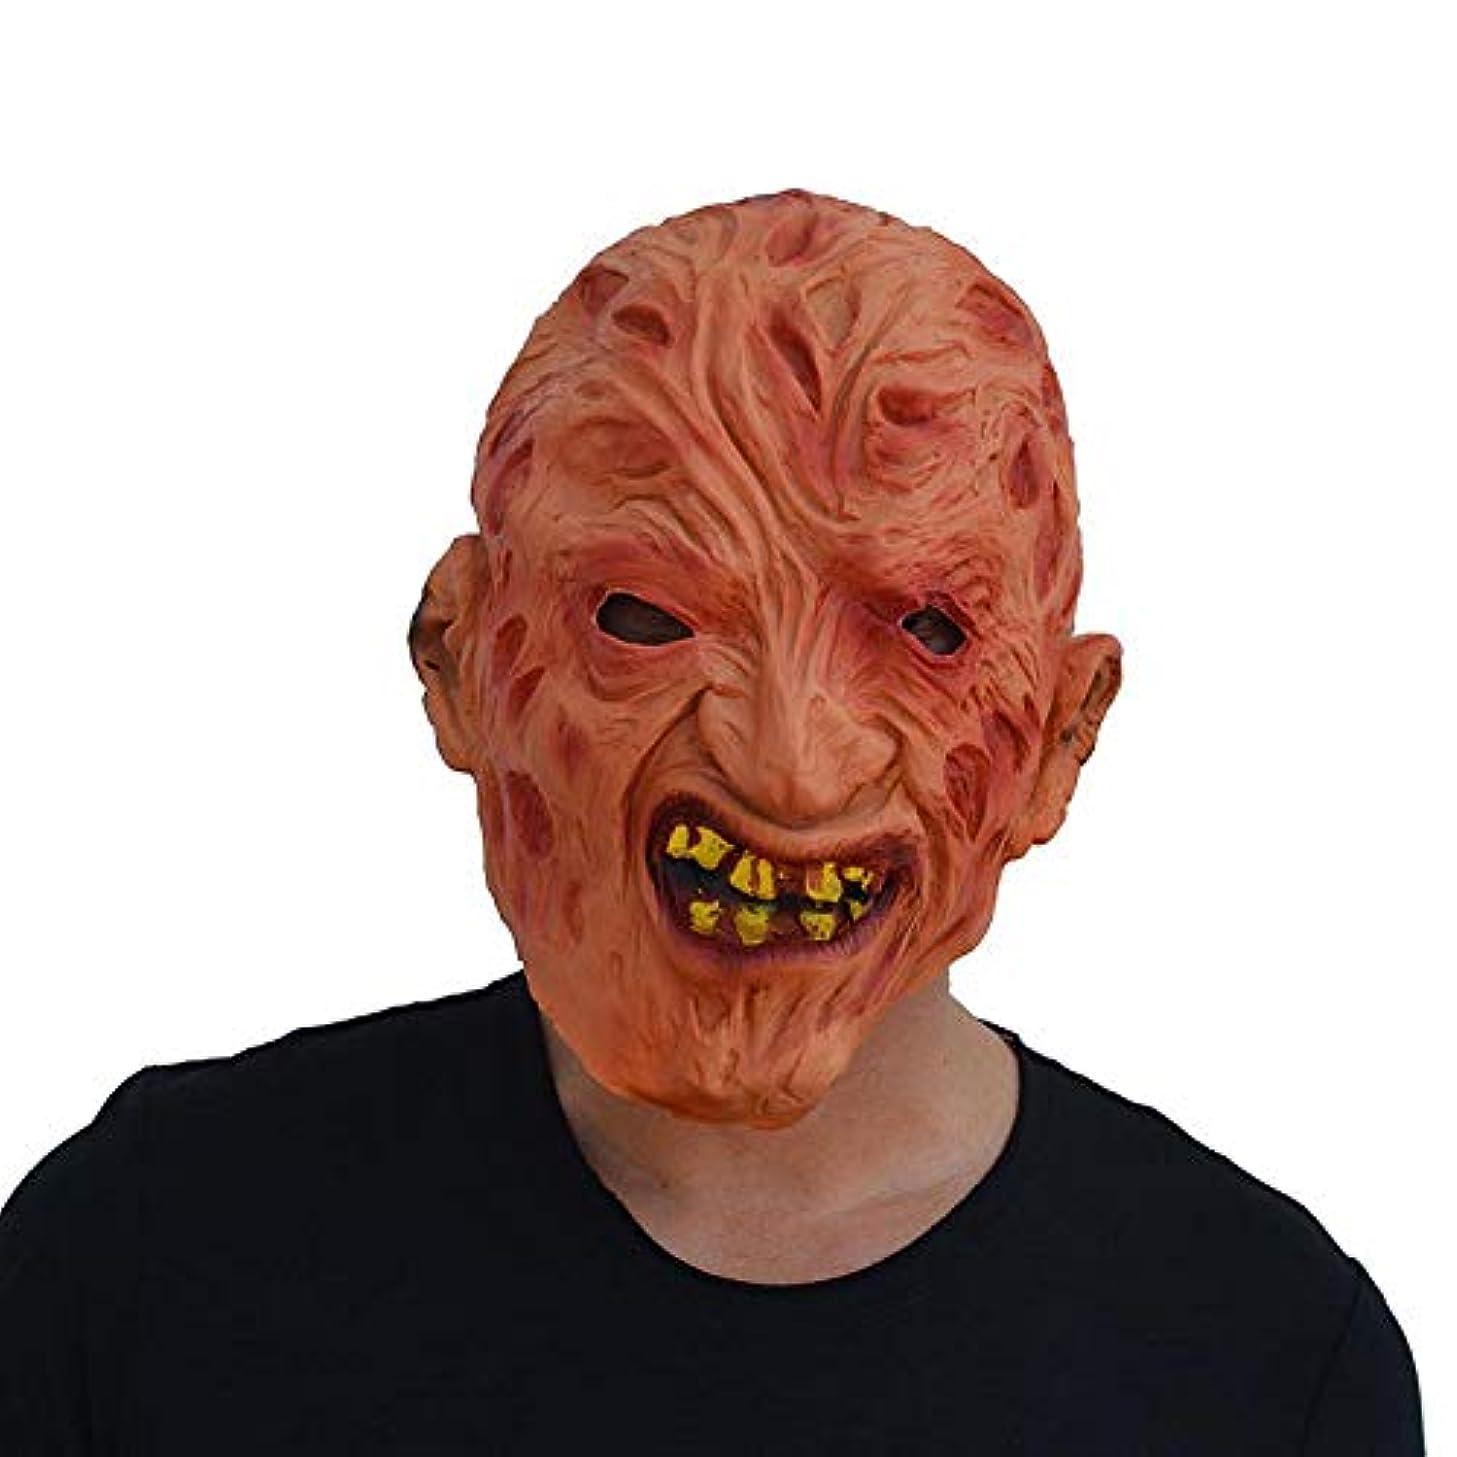 イースター口ひげ軽量ハロウィンホラー腐った顔ゾンビマスクゴーストフェスティバルナイトクラブレイブパーティーマスク